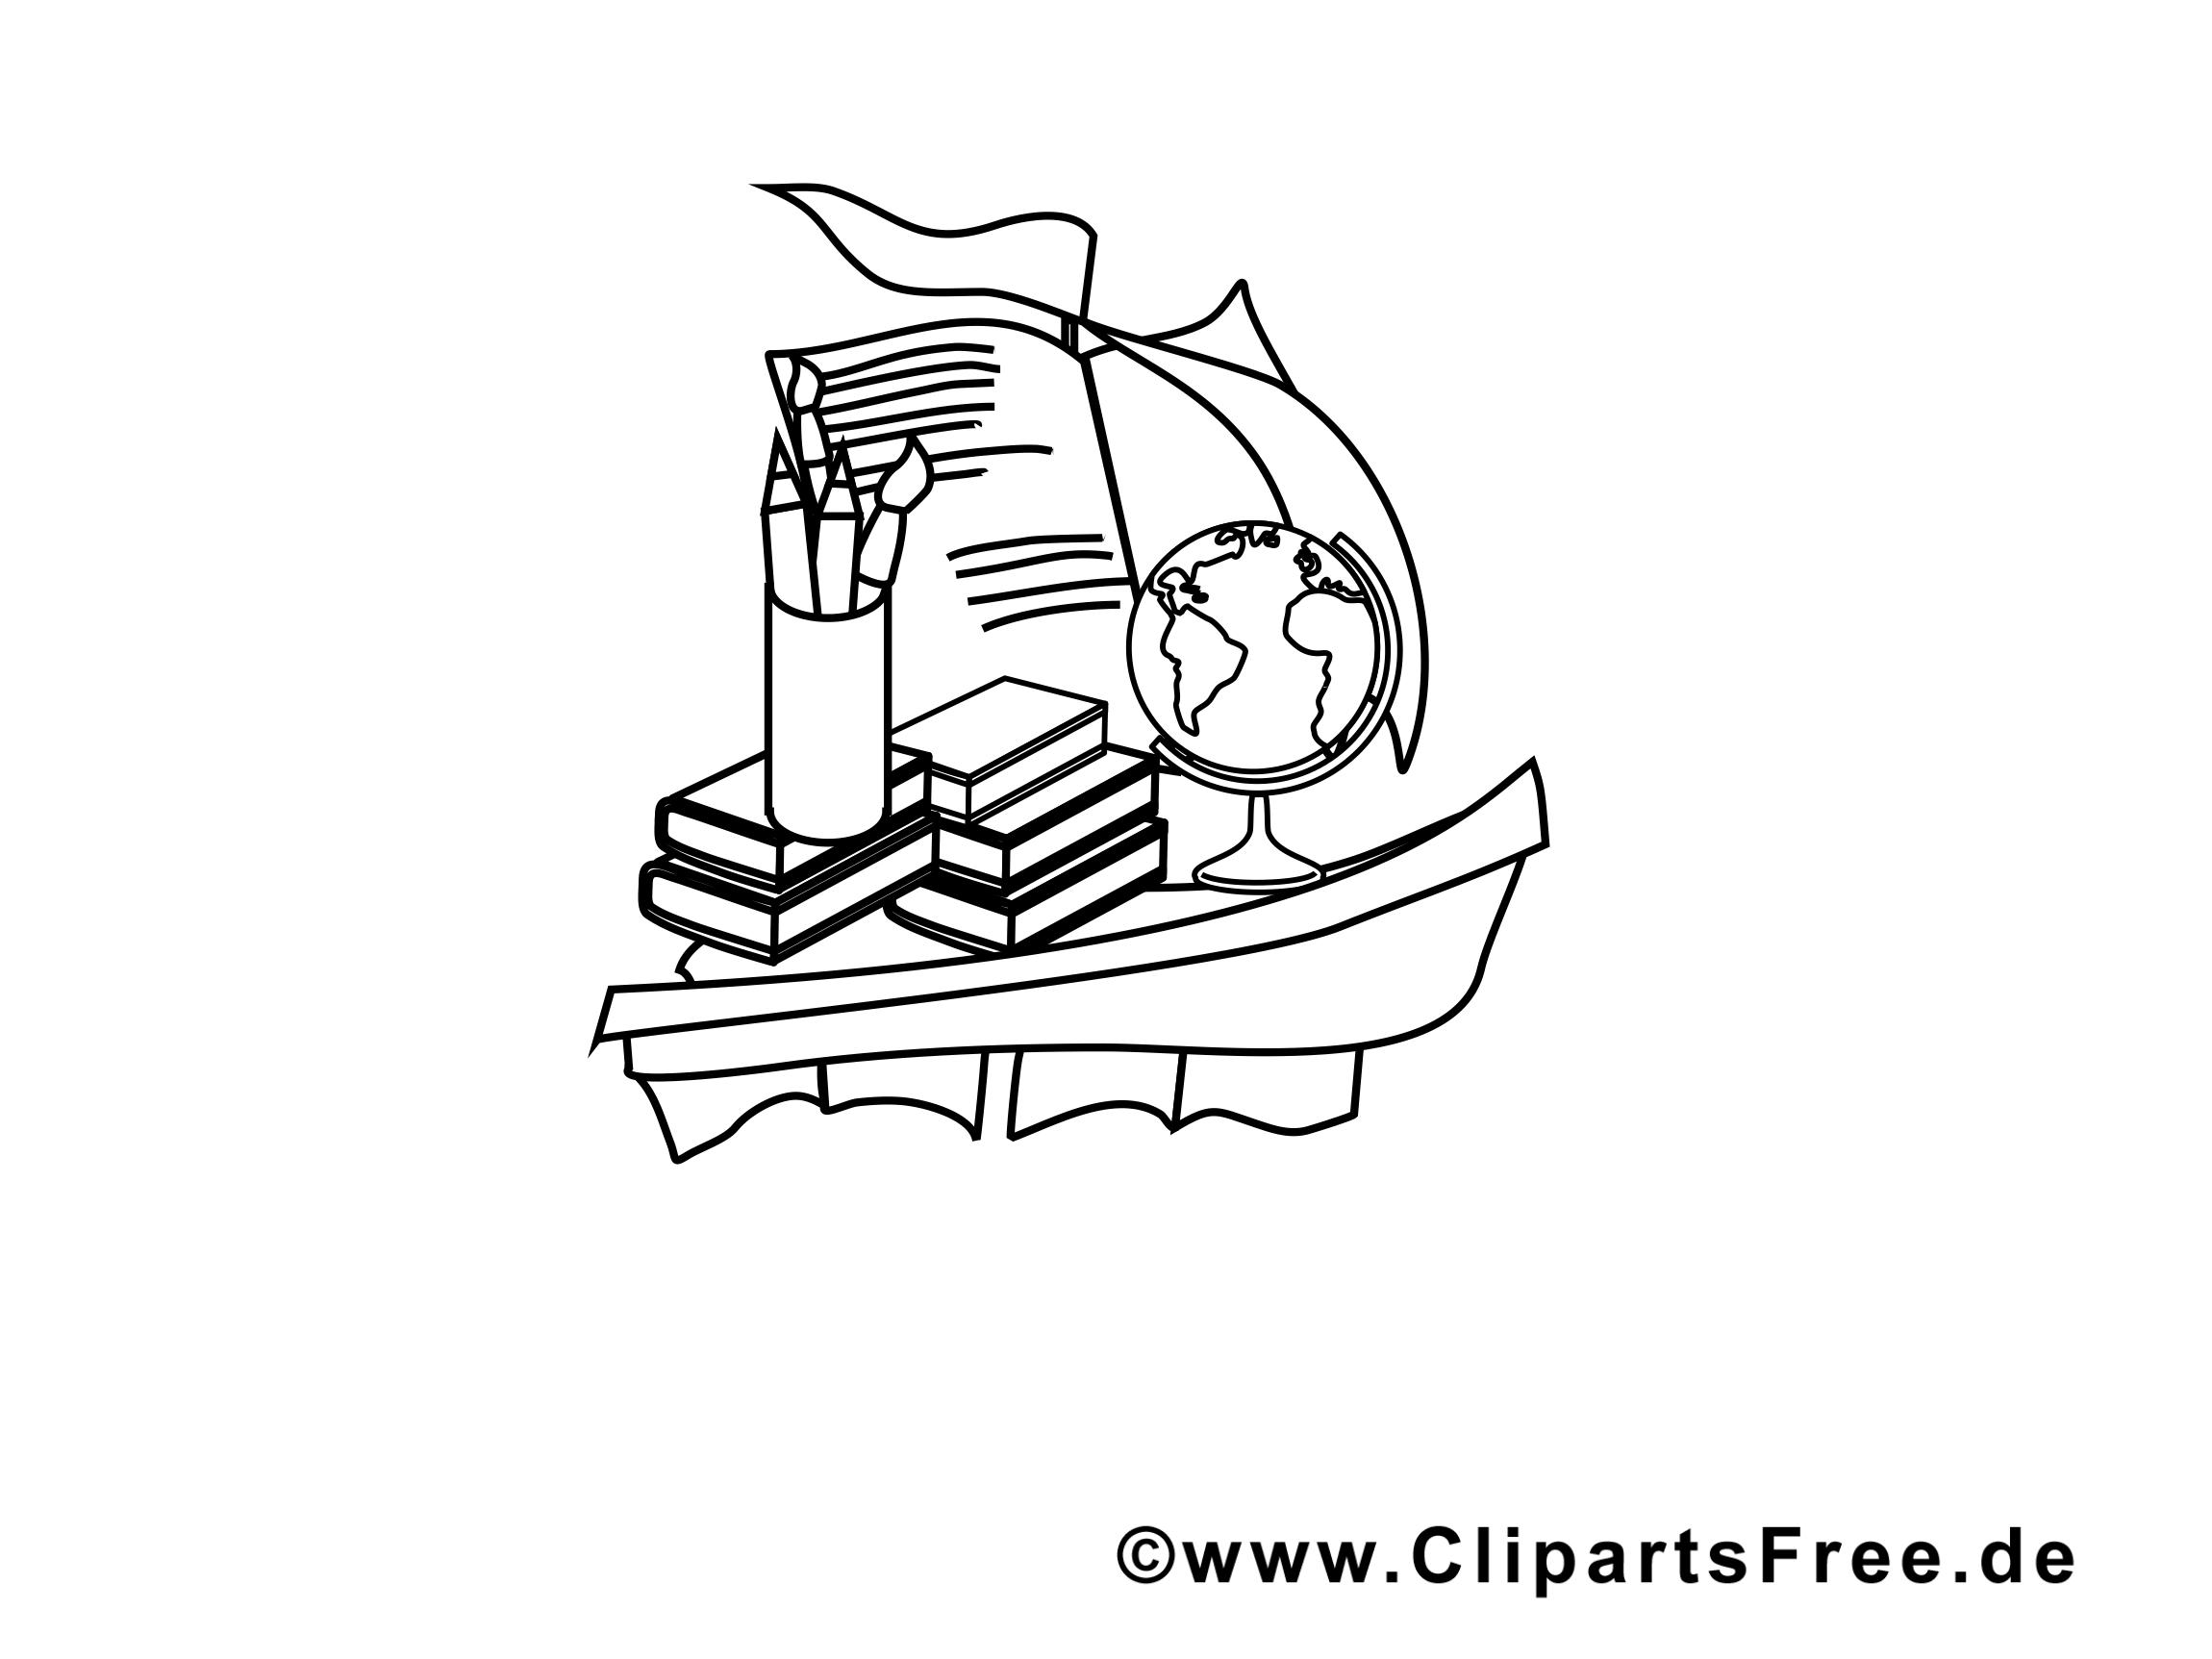 Bateau Clip Art Gratuit Ecole A Imprimer L Ecole Coloriages Dessin Picture Image Graphic Clip Art Telecharger Gratuit